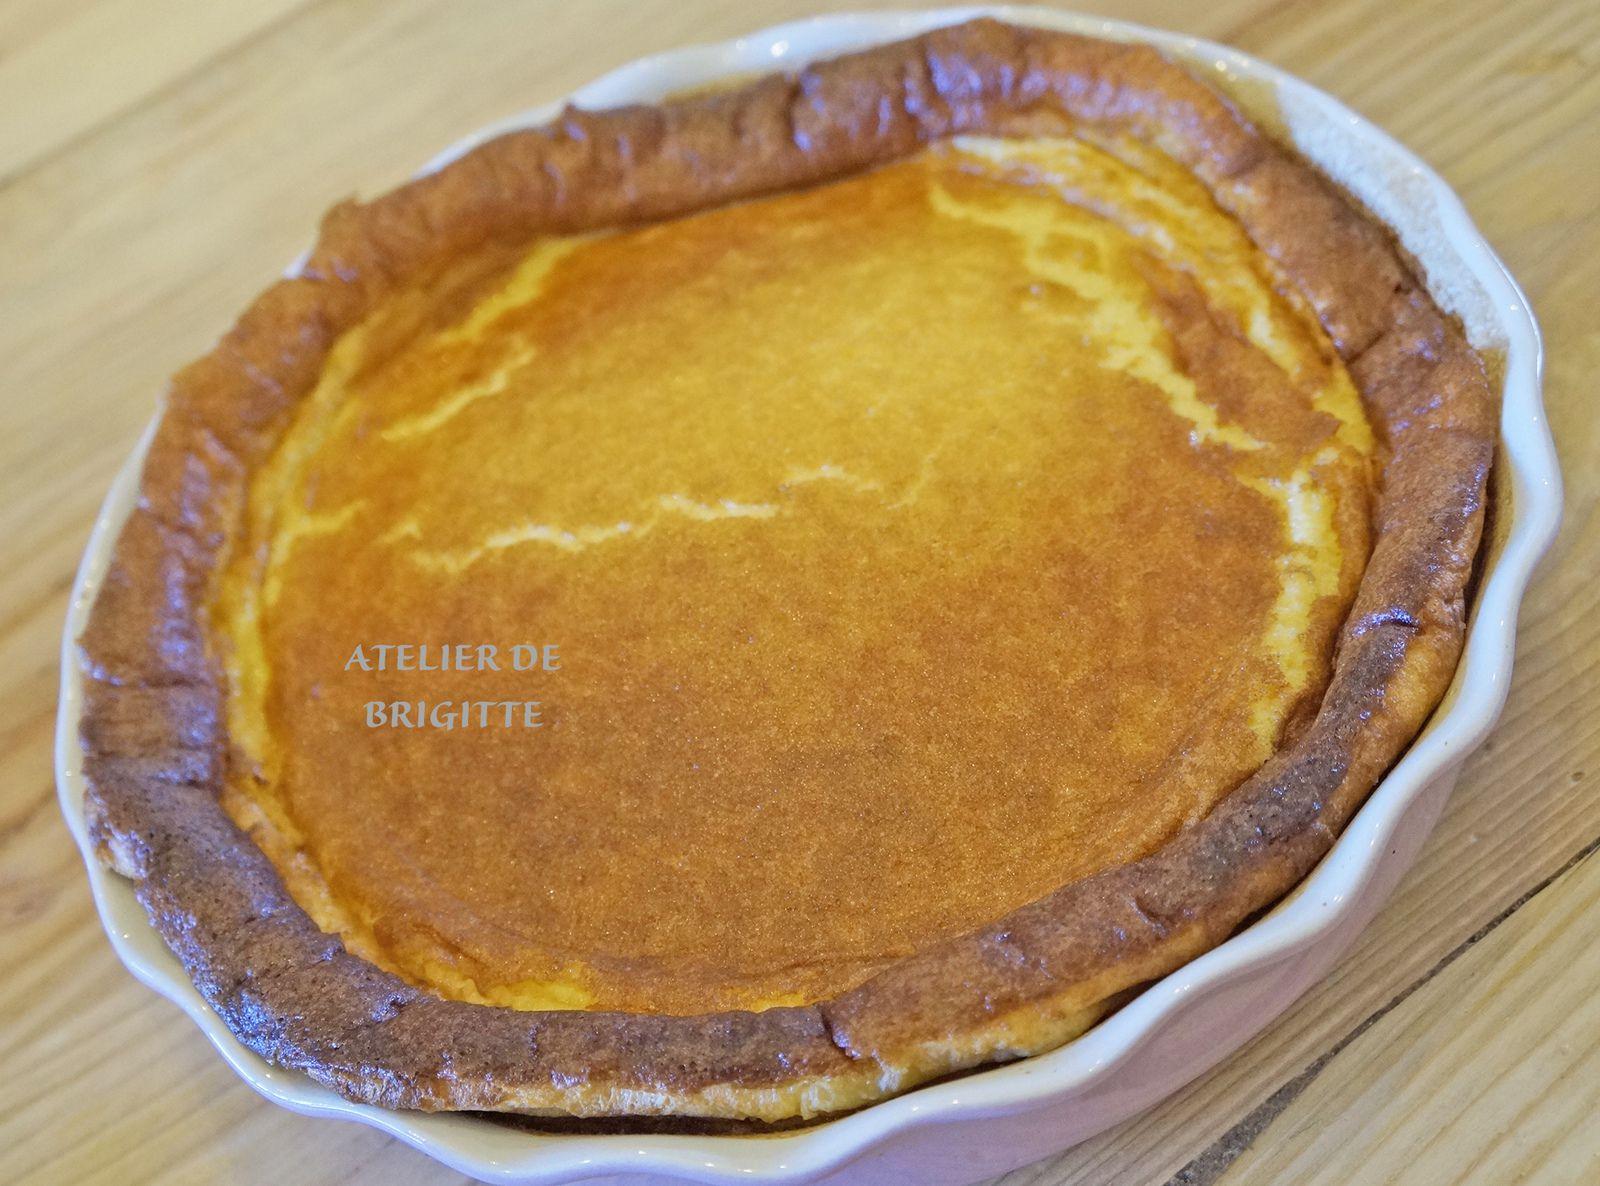 far breton, recette de chef, #restezchezvous #ensembleàlamaison , recette facile, recette du placard,